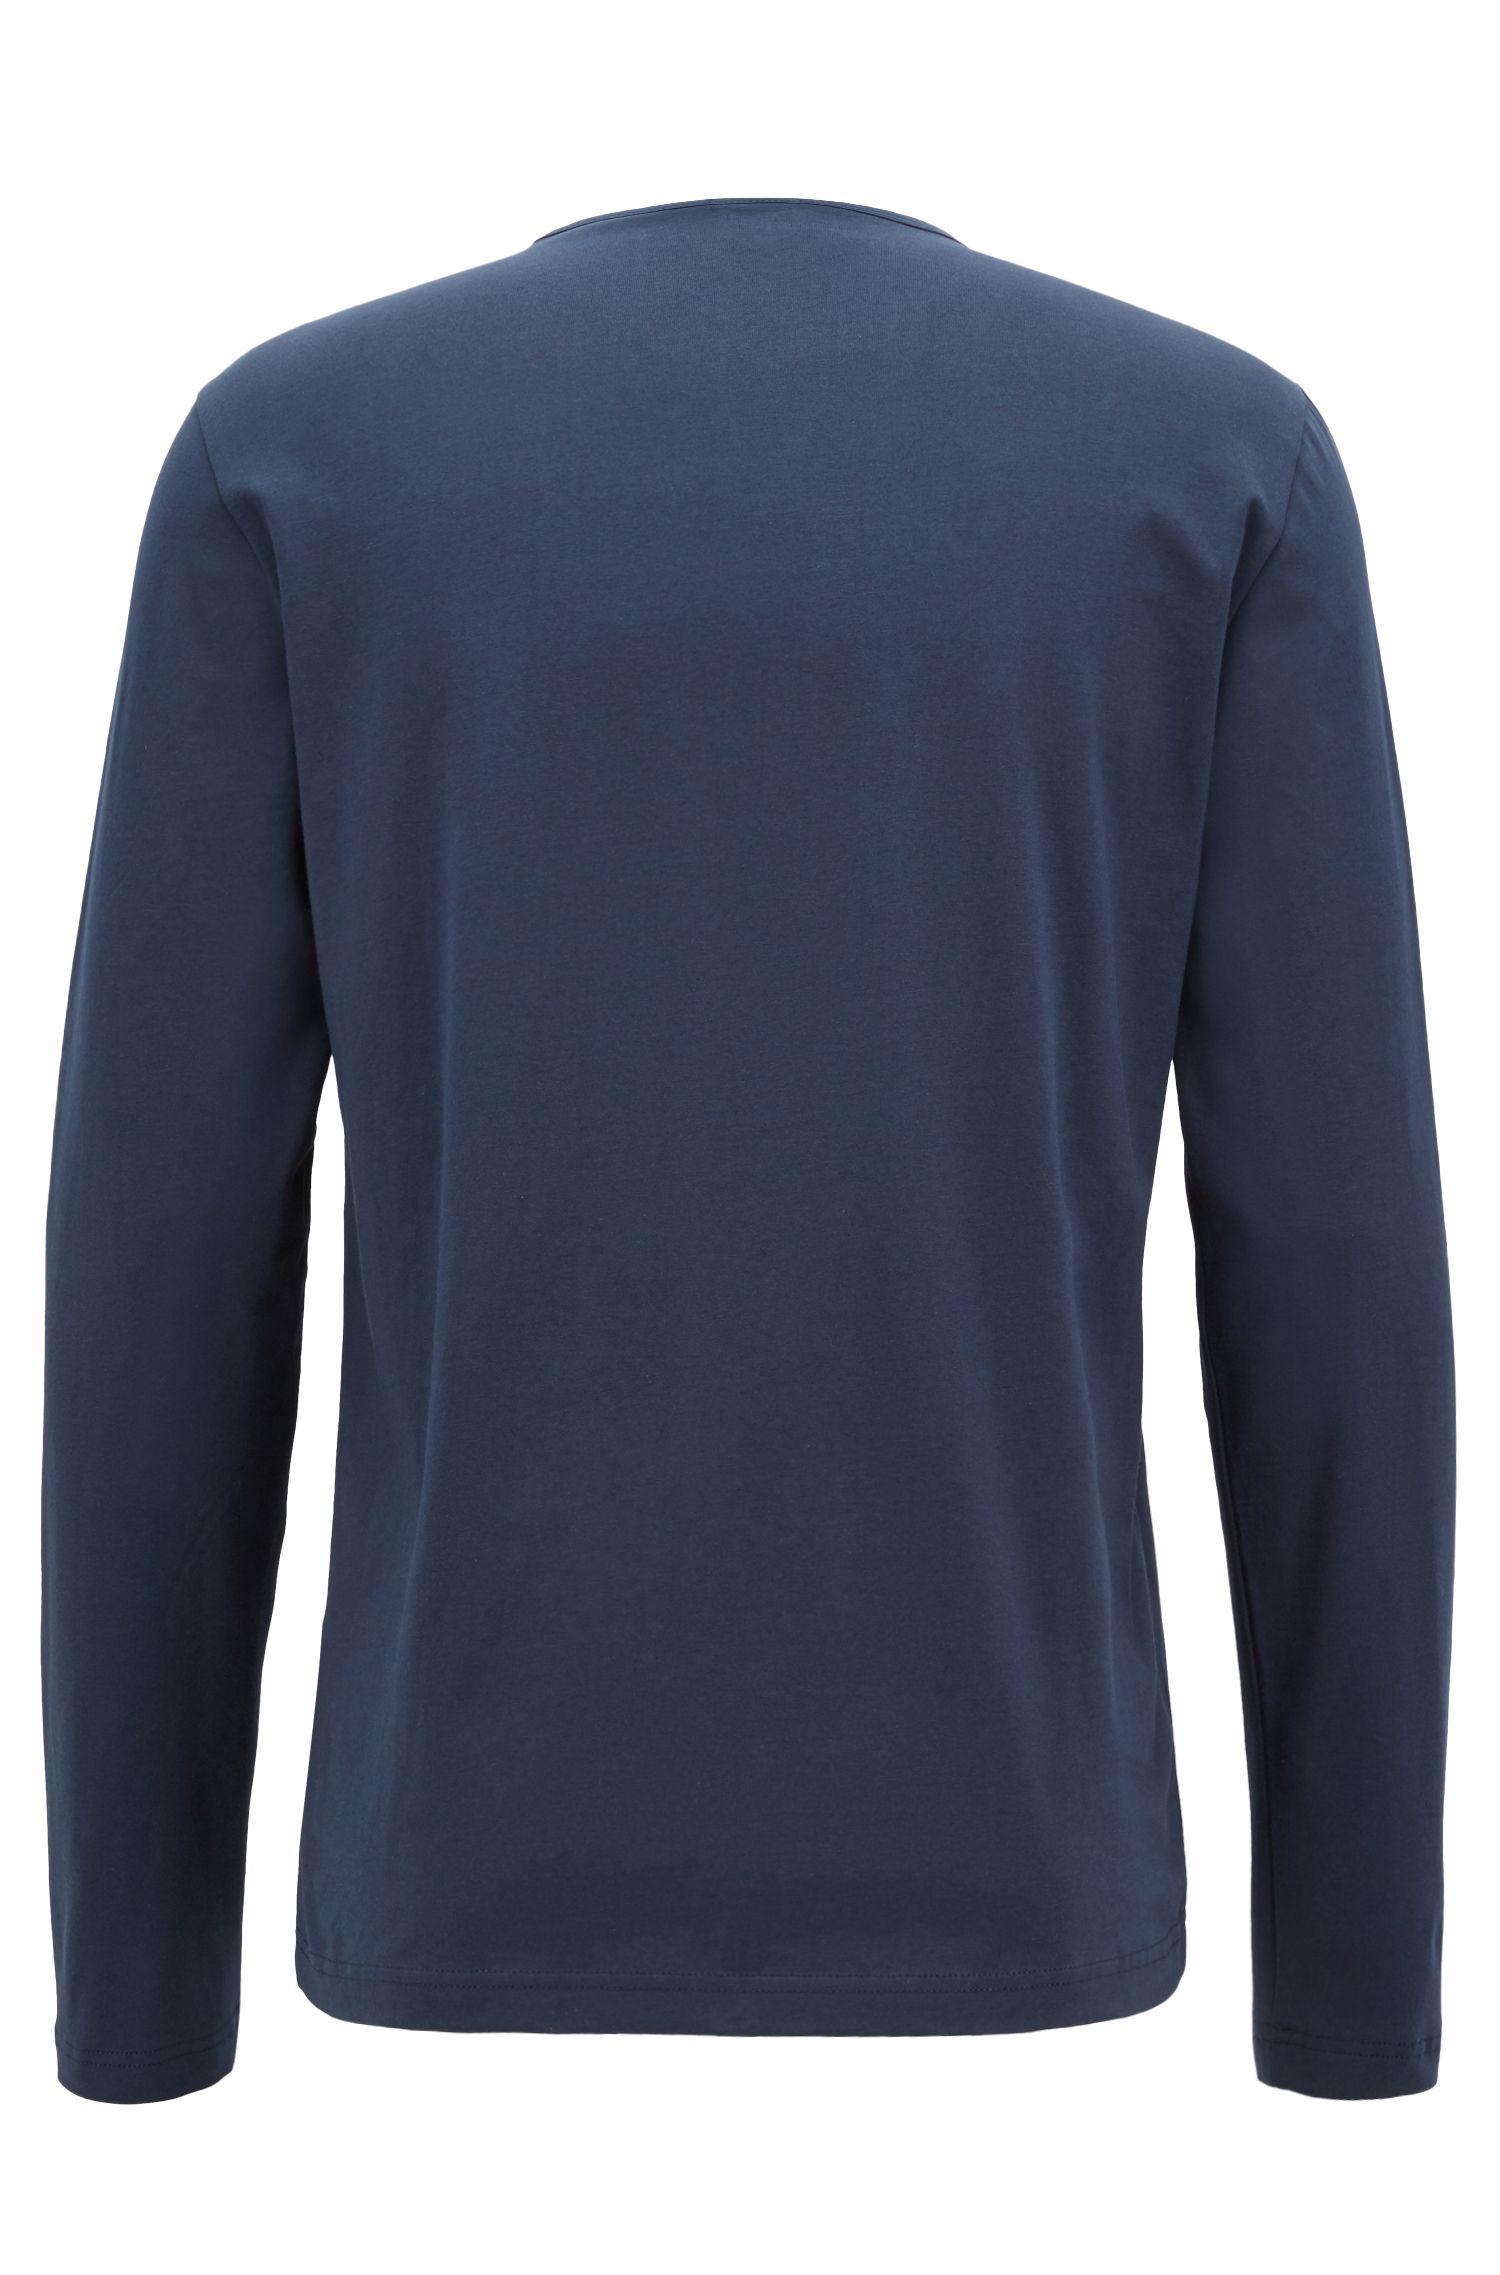 Maglia a maniche lunghe in cotone elasticizzato con logo riflettente, Blu scuro